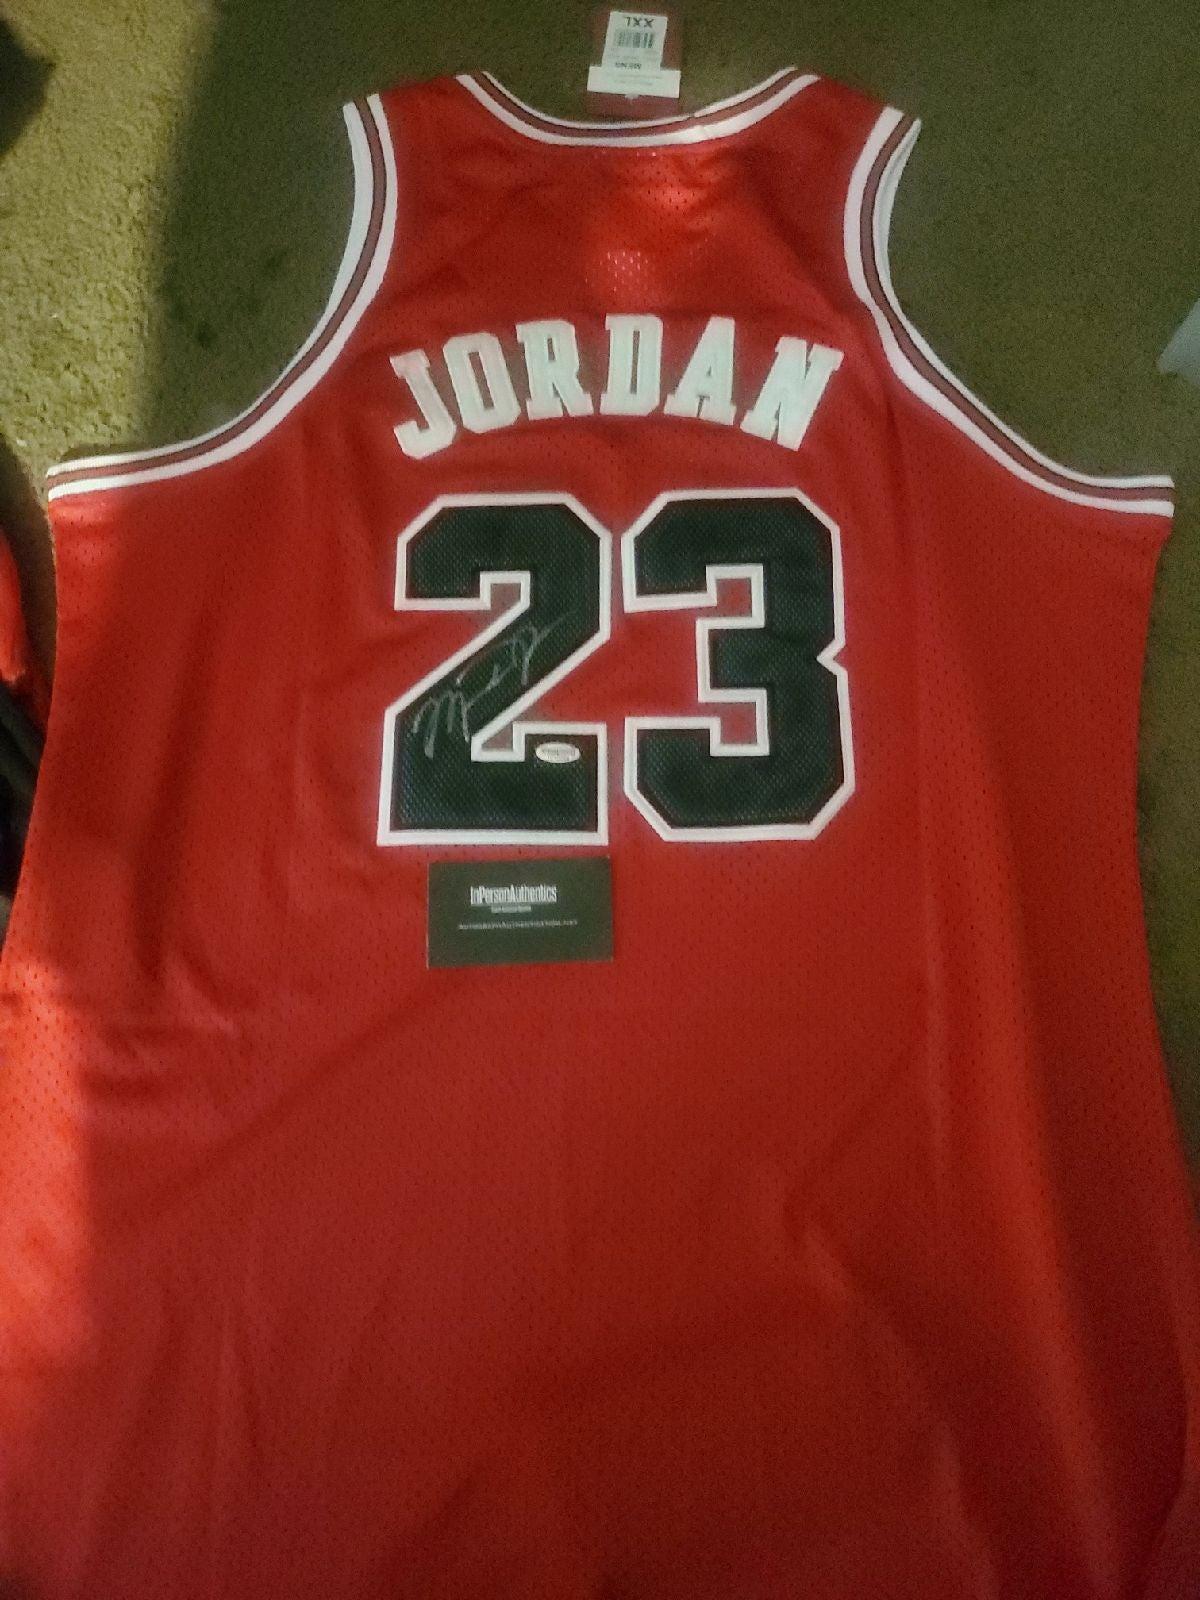 Jersey signed by Jordan w coa